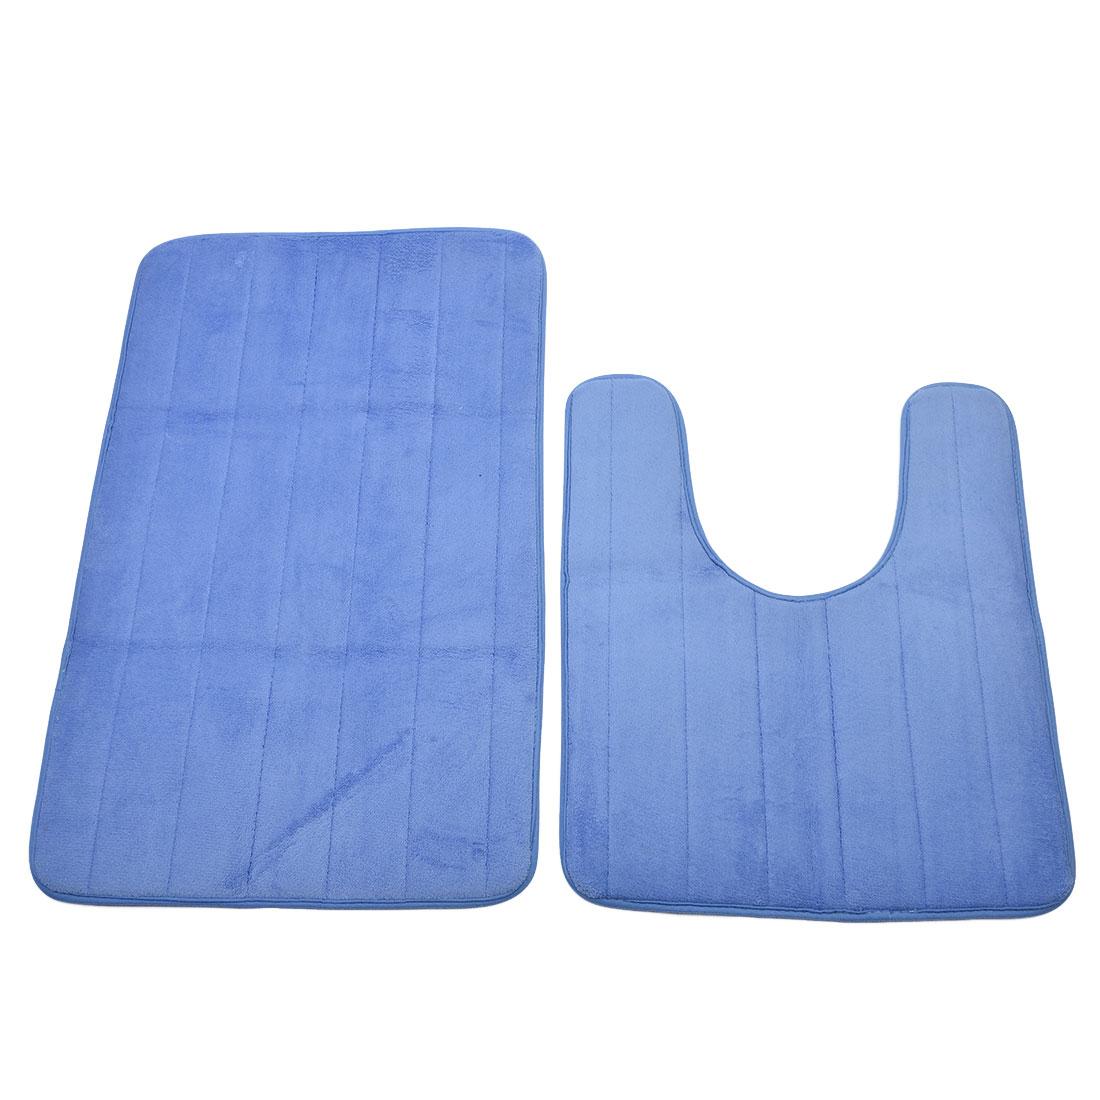 Bath Coral Fleece Floor Nonslip Washable Mat Pad Carpet Rug Doormat Blue 2 in 1